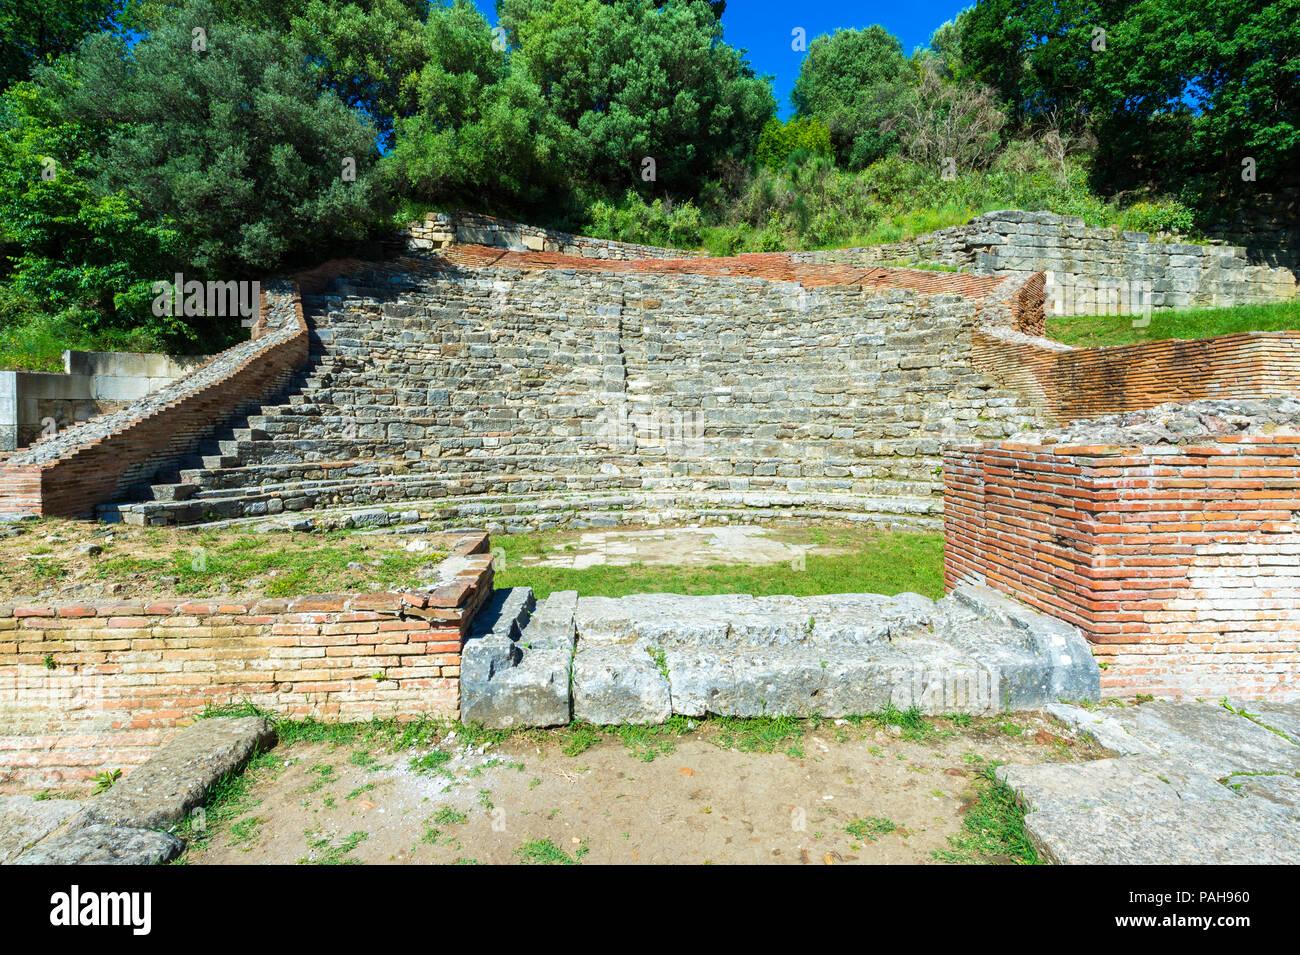 Théâtre de l'Odéon, Parc archéologique d'Apollonia, l'Illyrie, Village Pojani, Albanie Photo Stock